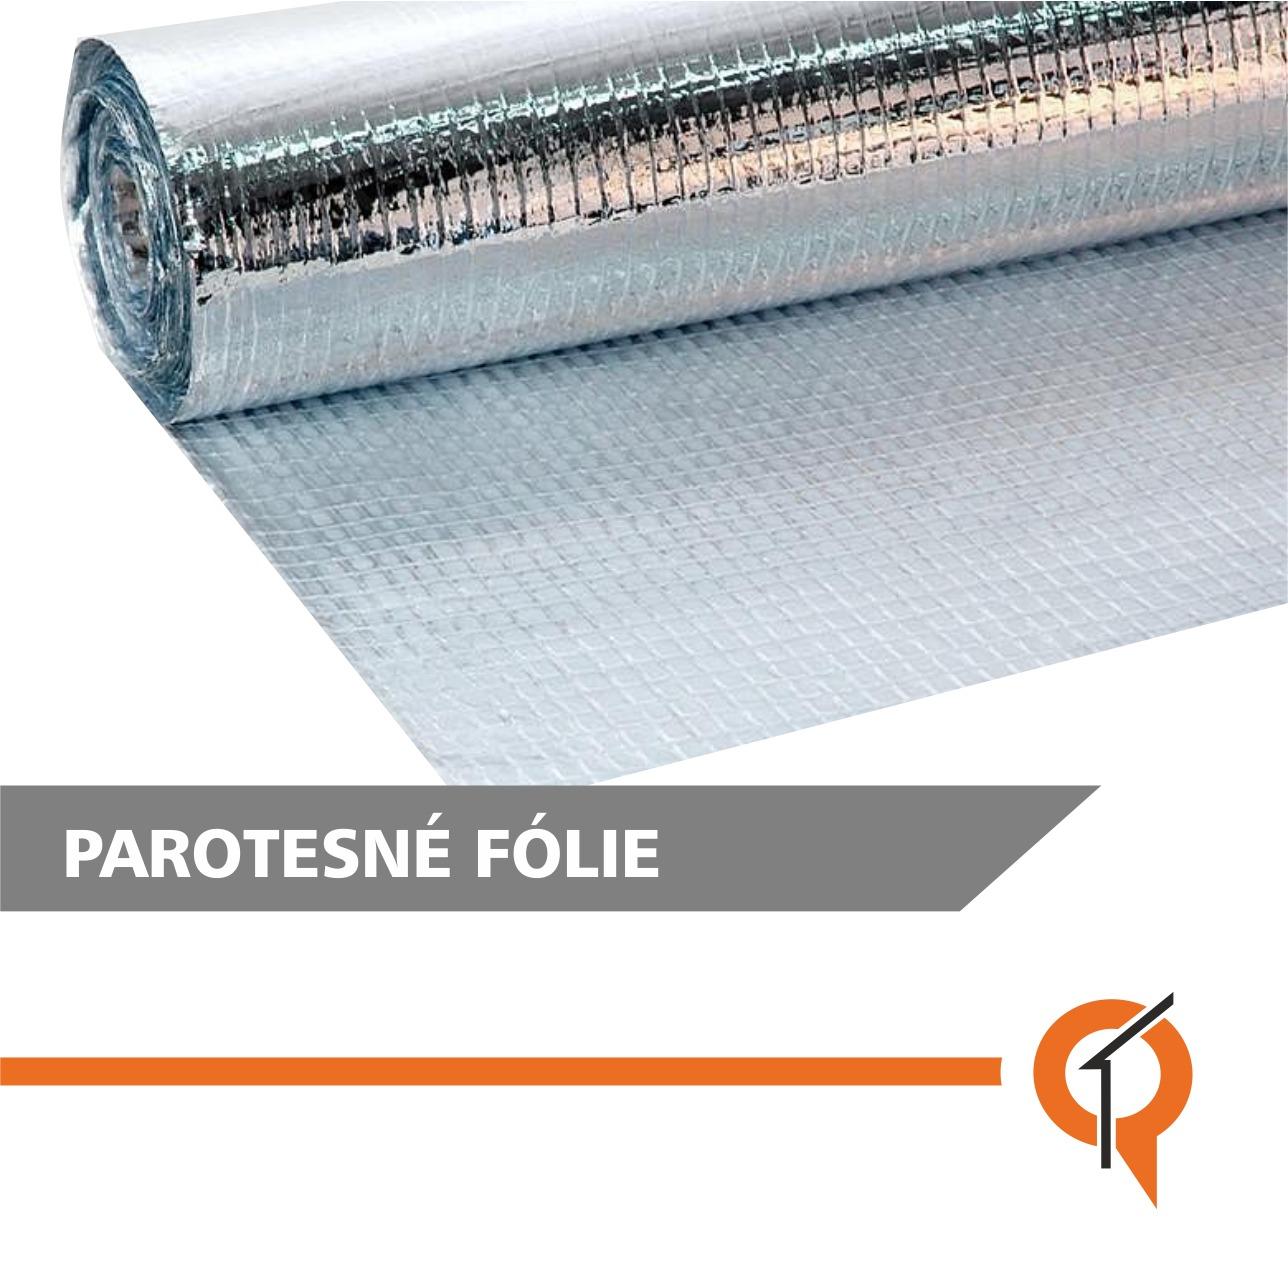 parotesne_folie_qtrend1